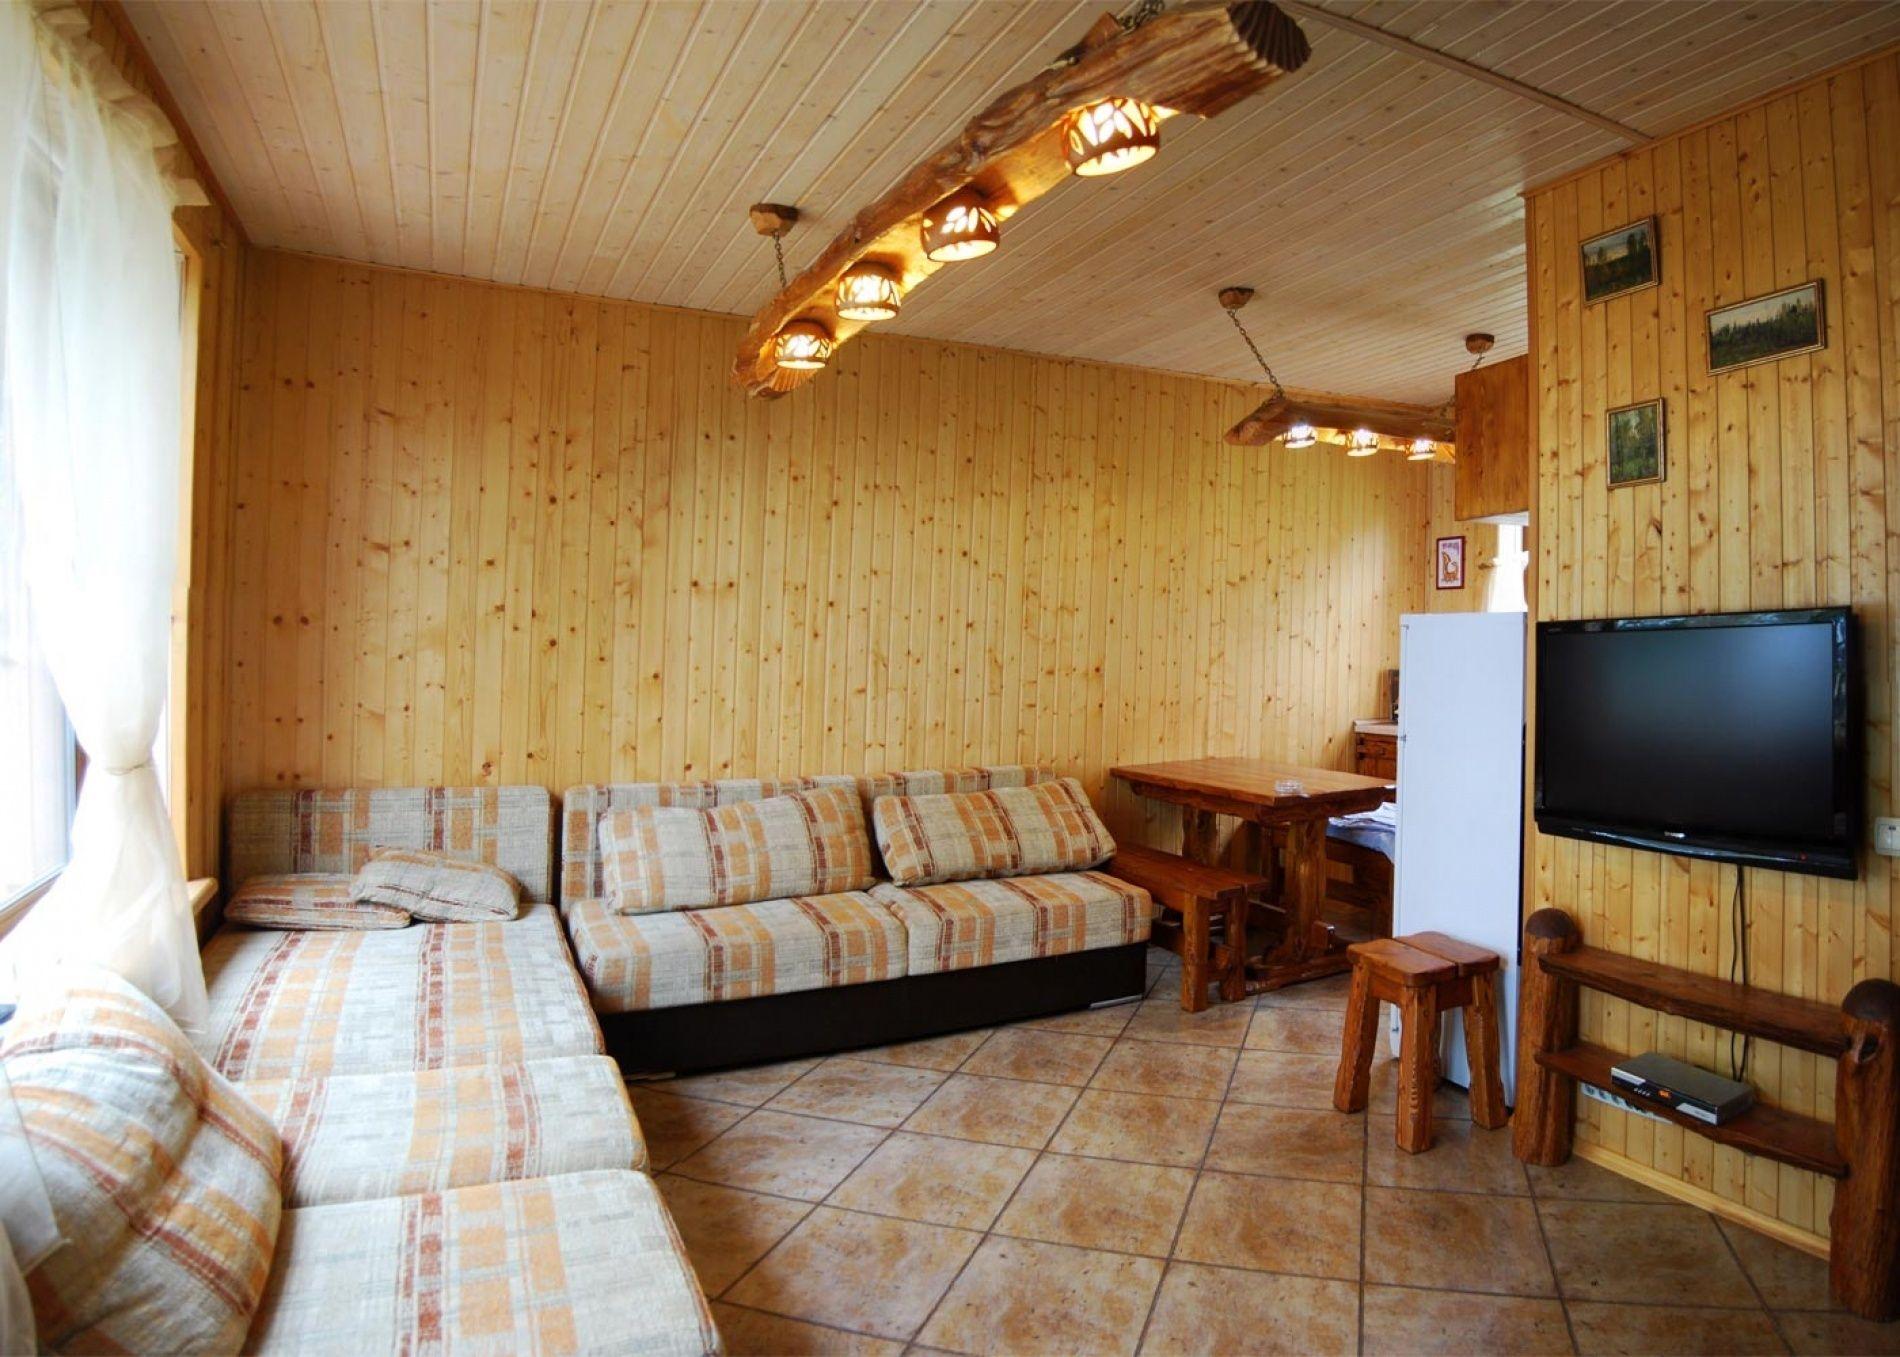 База отдыха «Яр-Селигер» Тверская область Дуплекс, фото 4